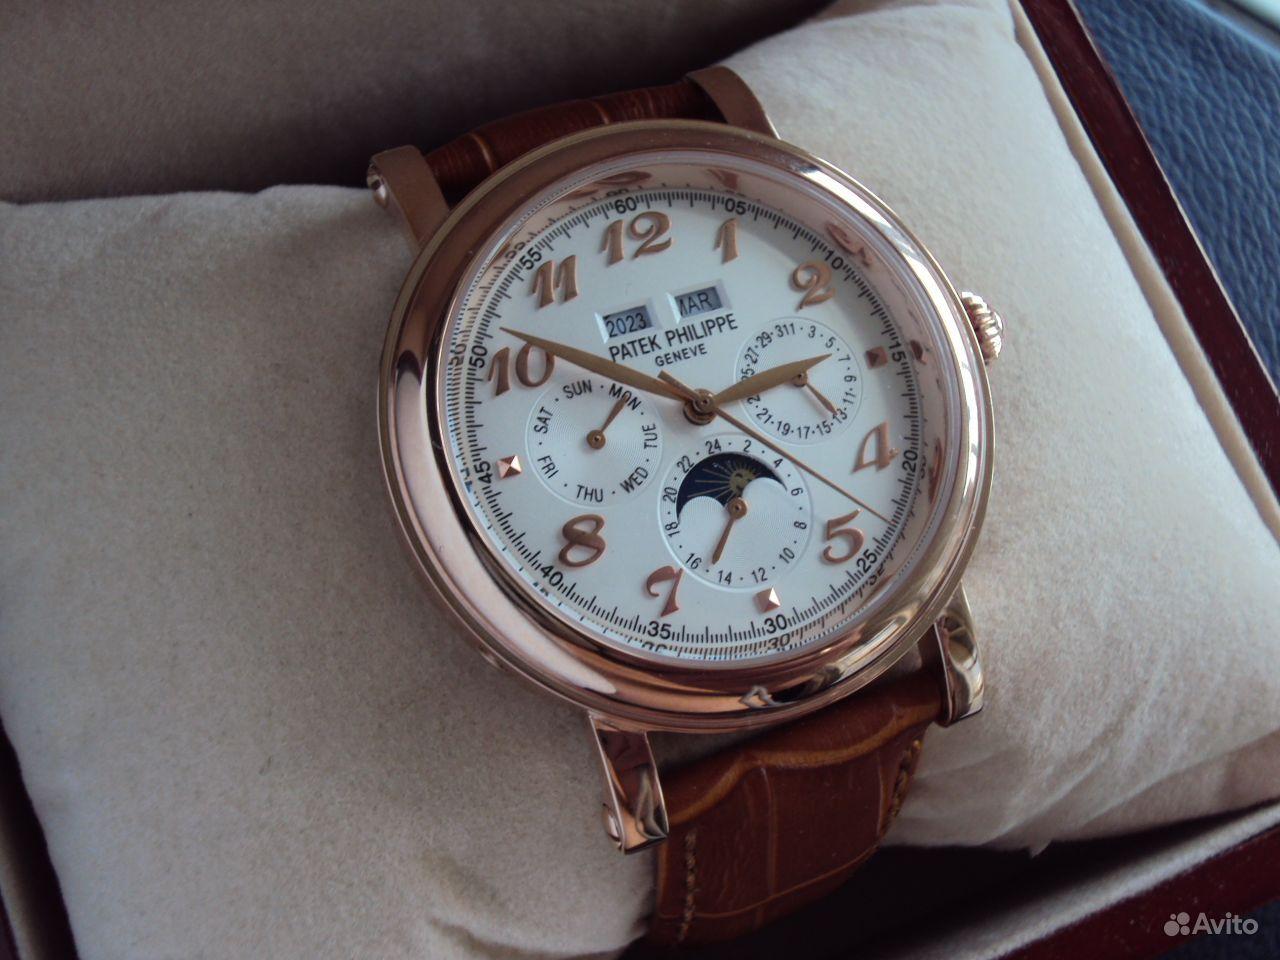 Отзывы стоимость часов путина patek philippe если